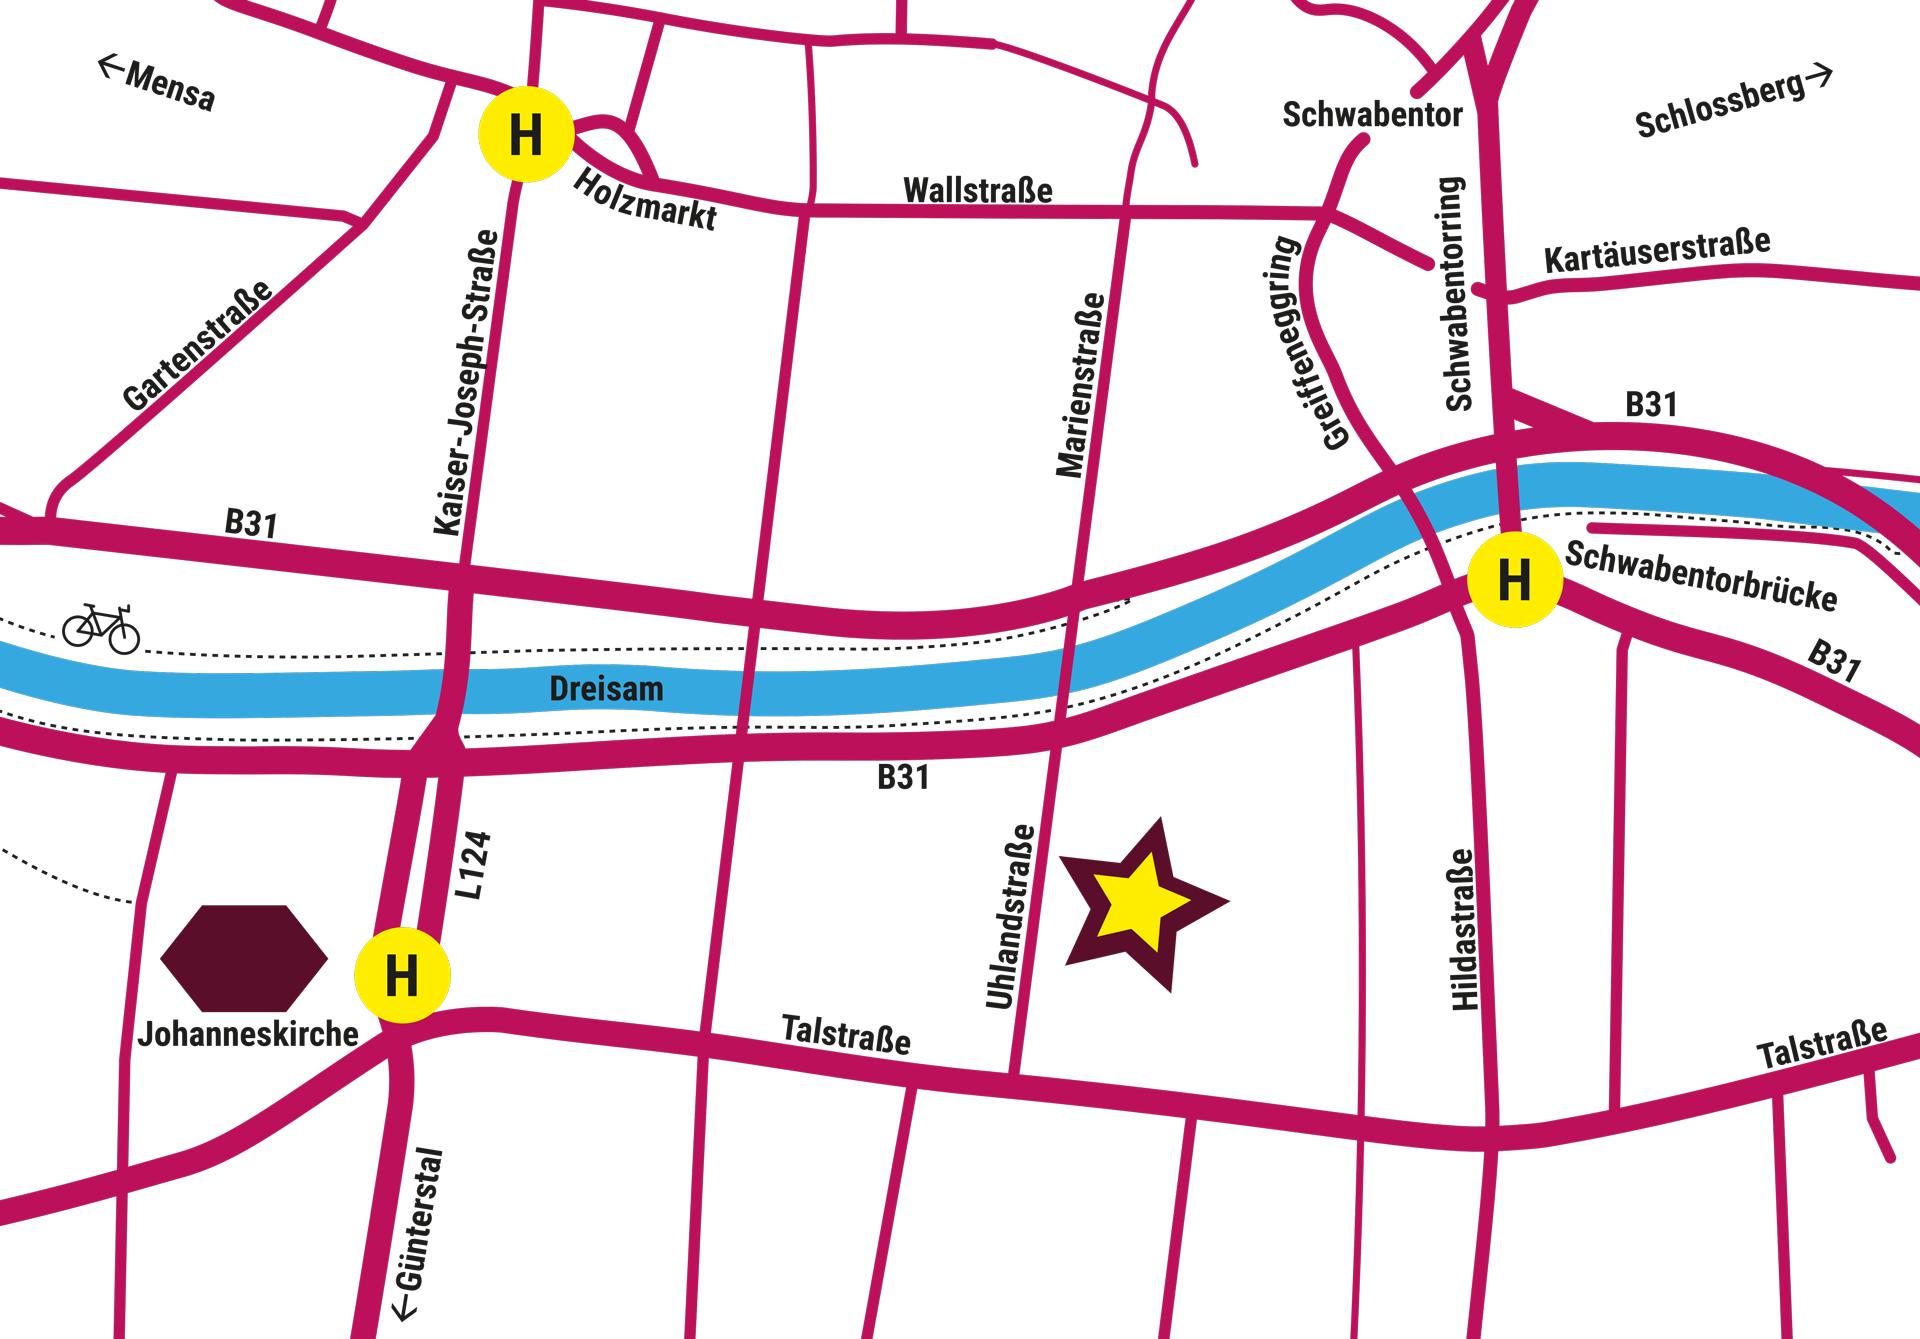 Karte der Umgebung der Uhlandstraße